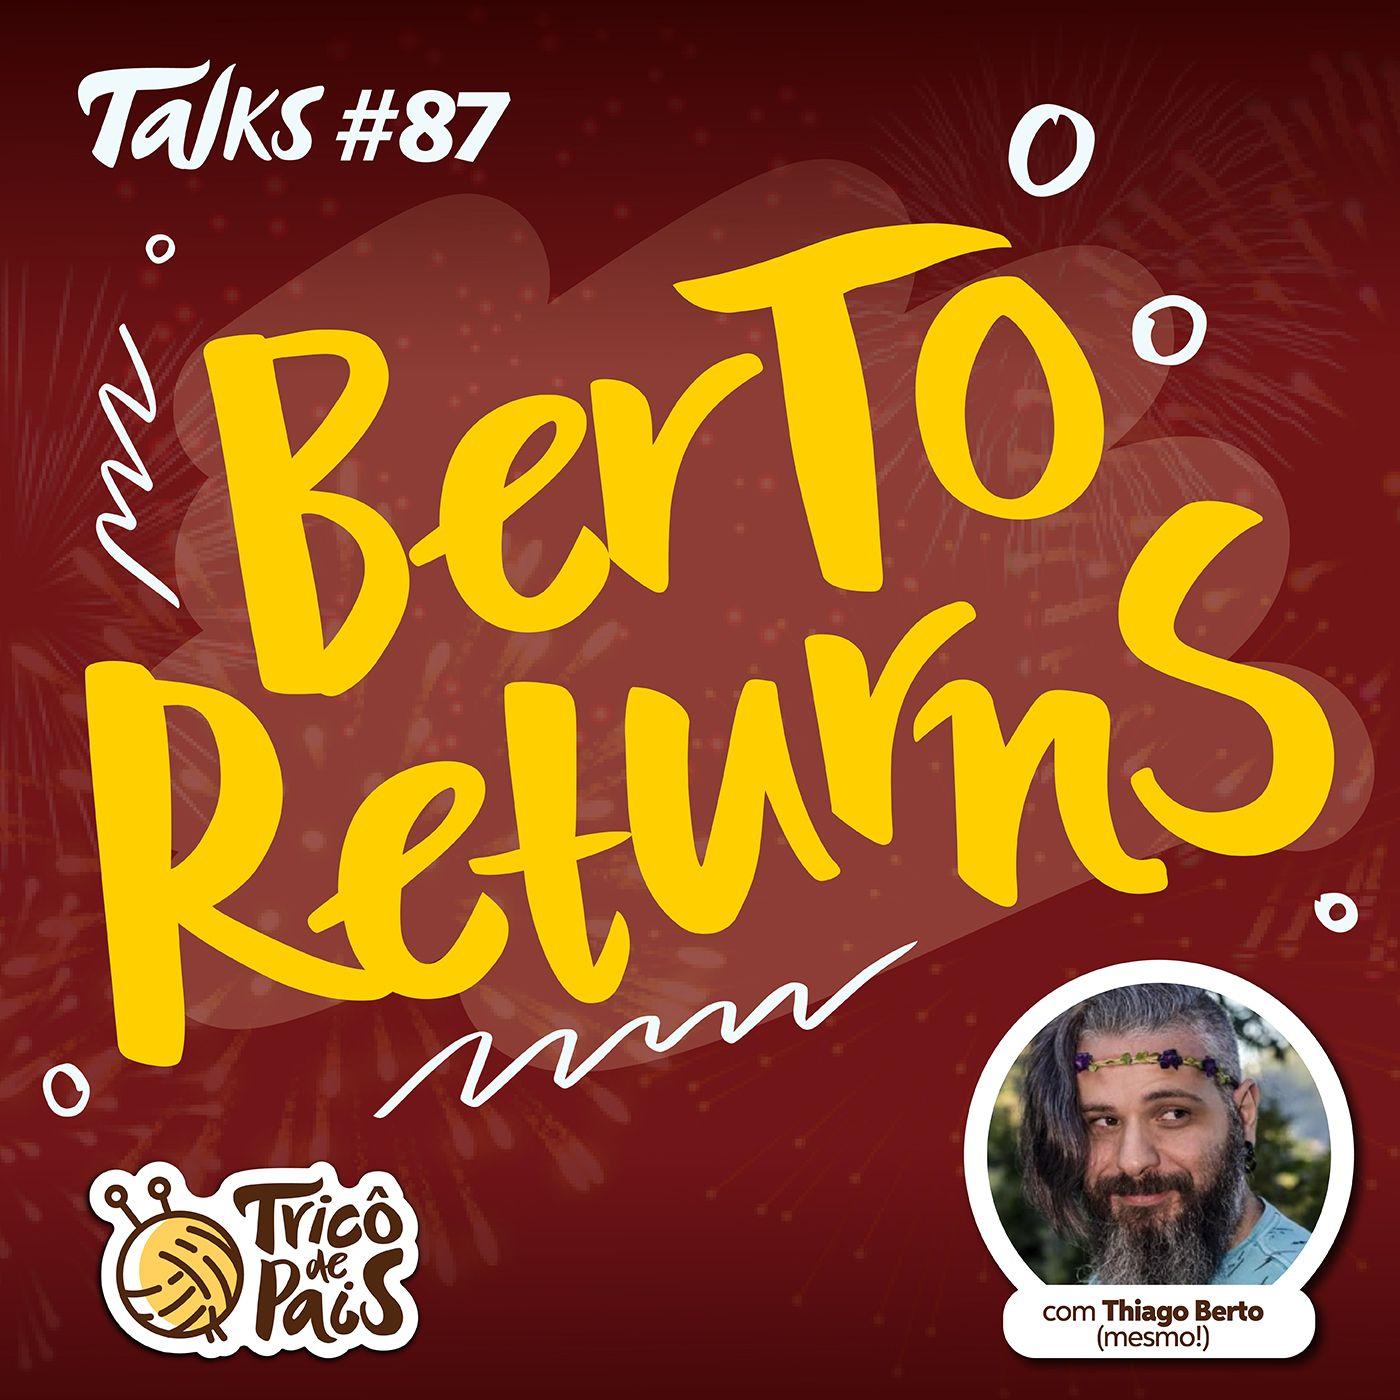 Tricô Talks 087 - Berto Returns